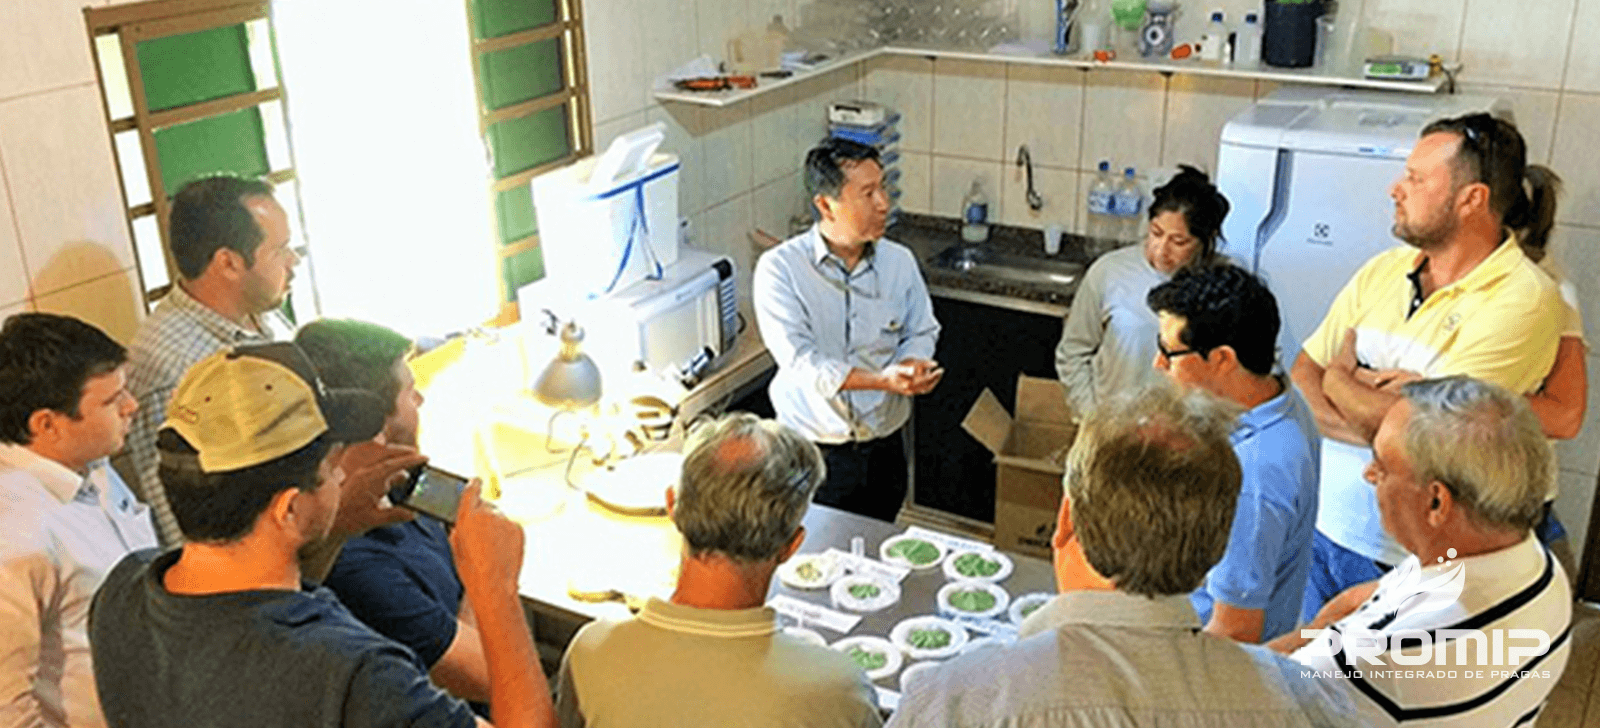 promip-manejo-integrado de pragas controle biologico conhecimento promip